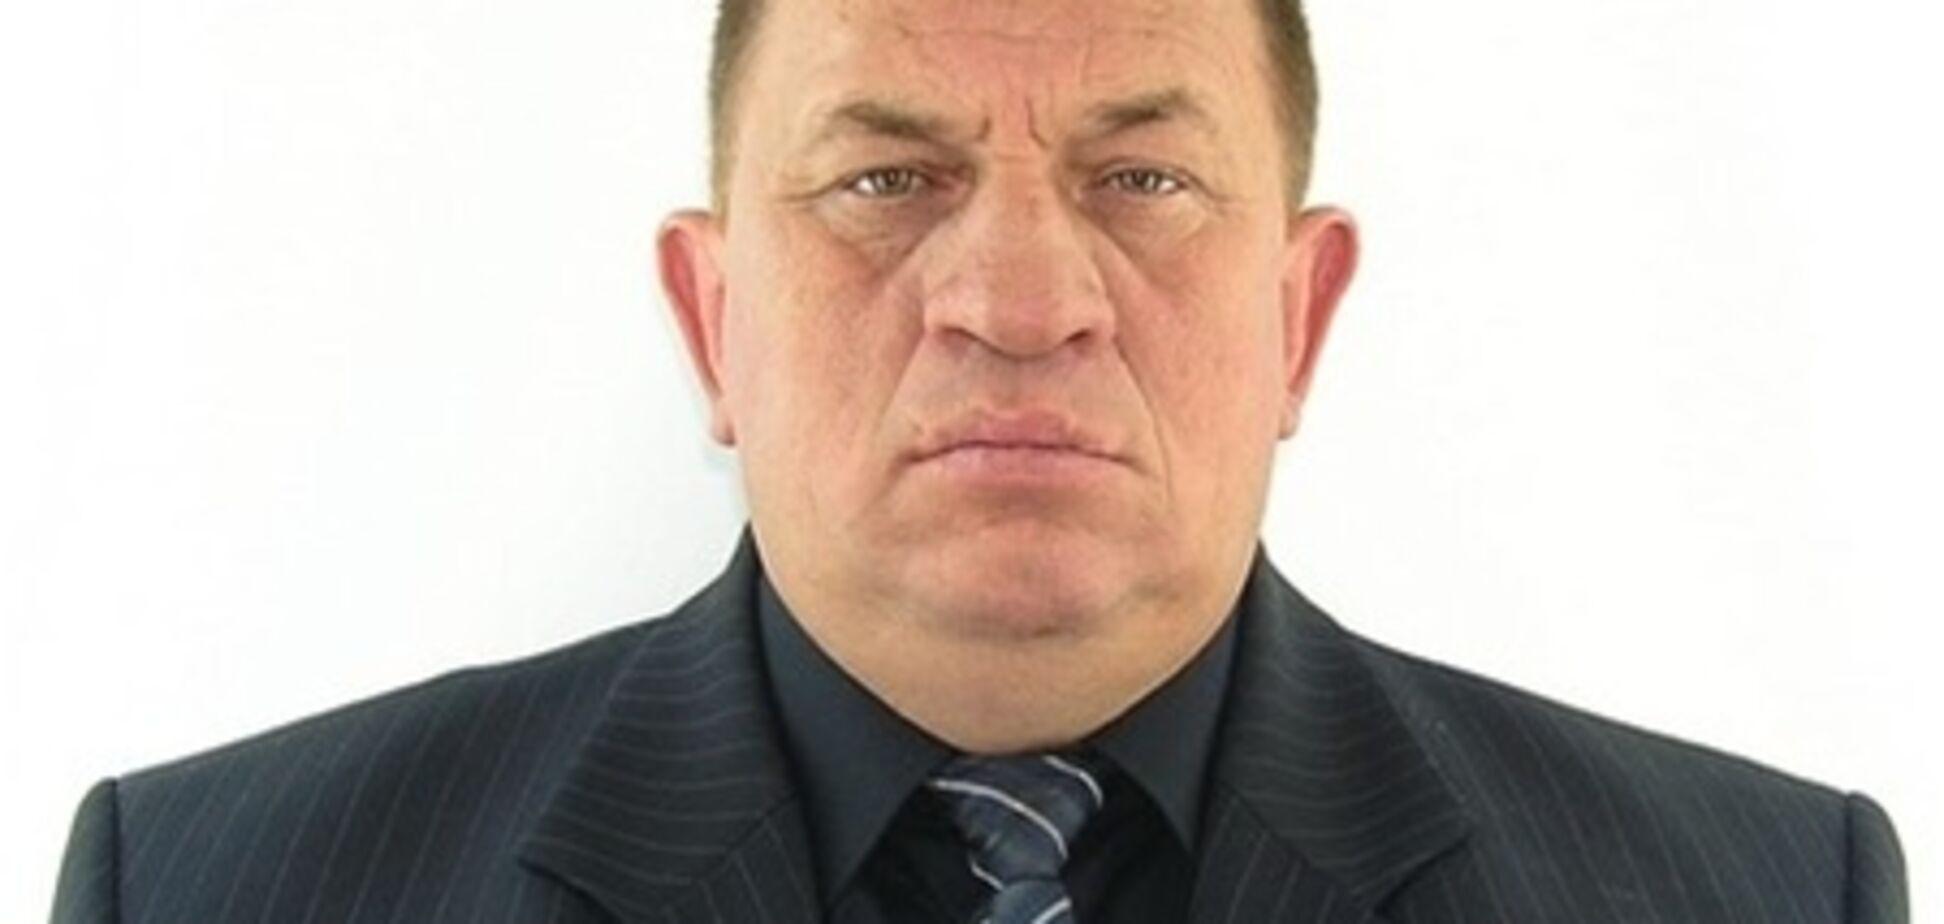 Убитый под Луганском депутат не был регионалом - прокуратура